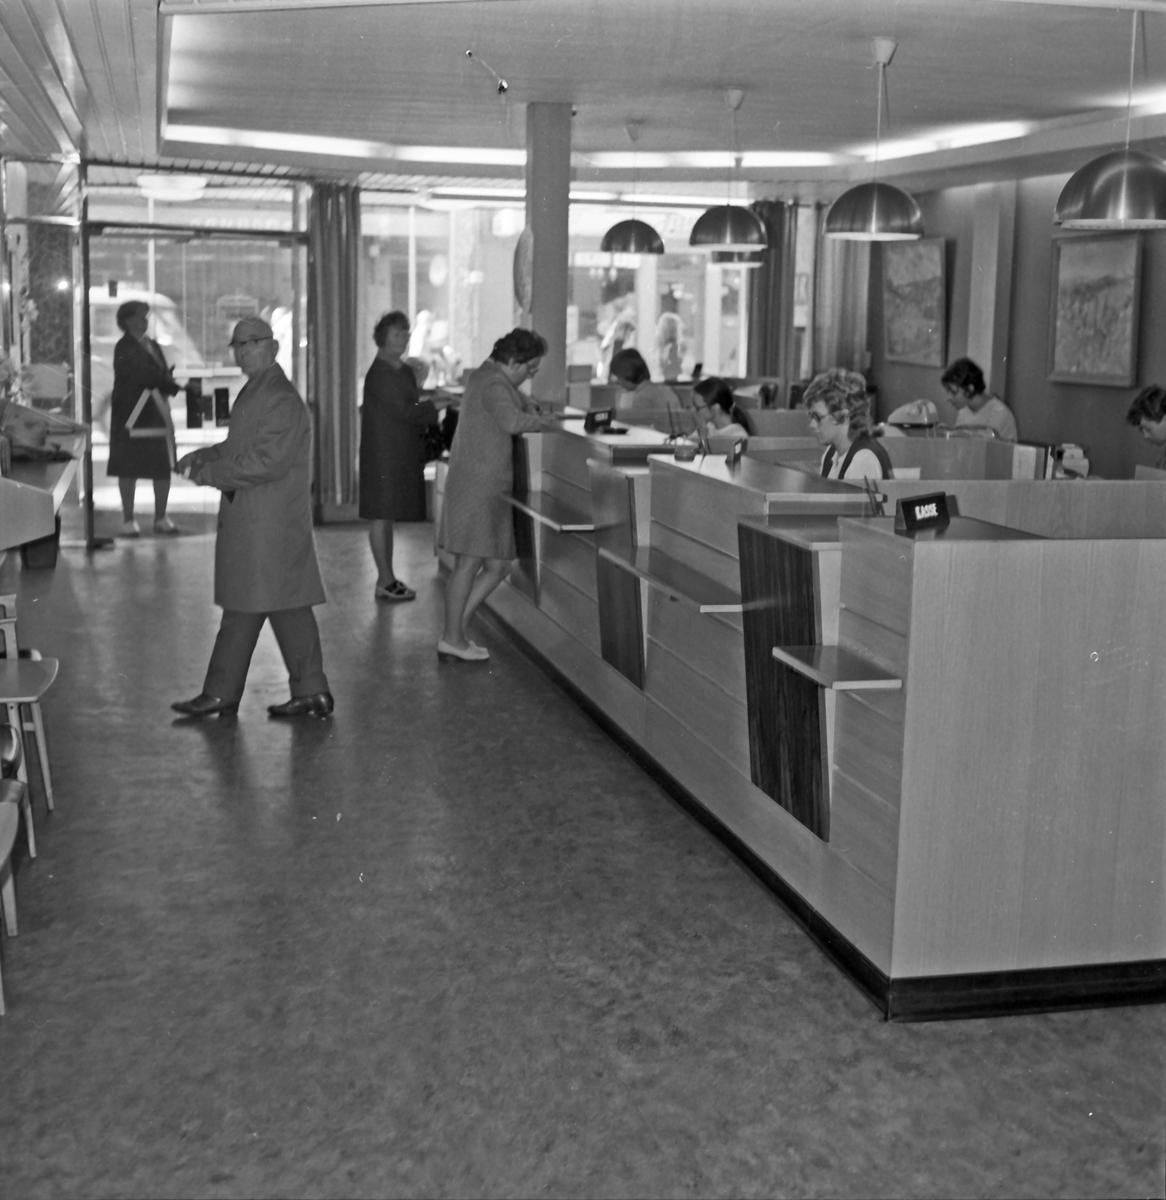 Inngangspartiet i Strandgaten. Interiør fra Strandgaten og Haraldsgaten. Publikum og ansatte. (Foto/Photo)